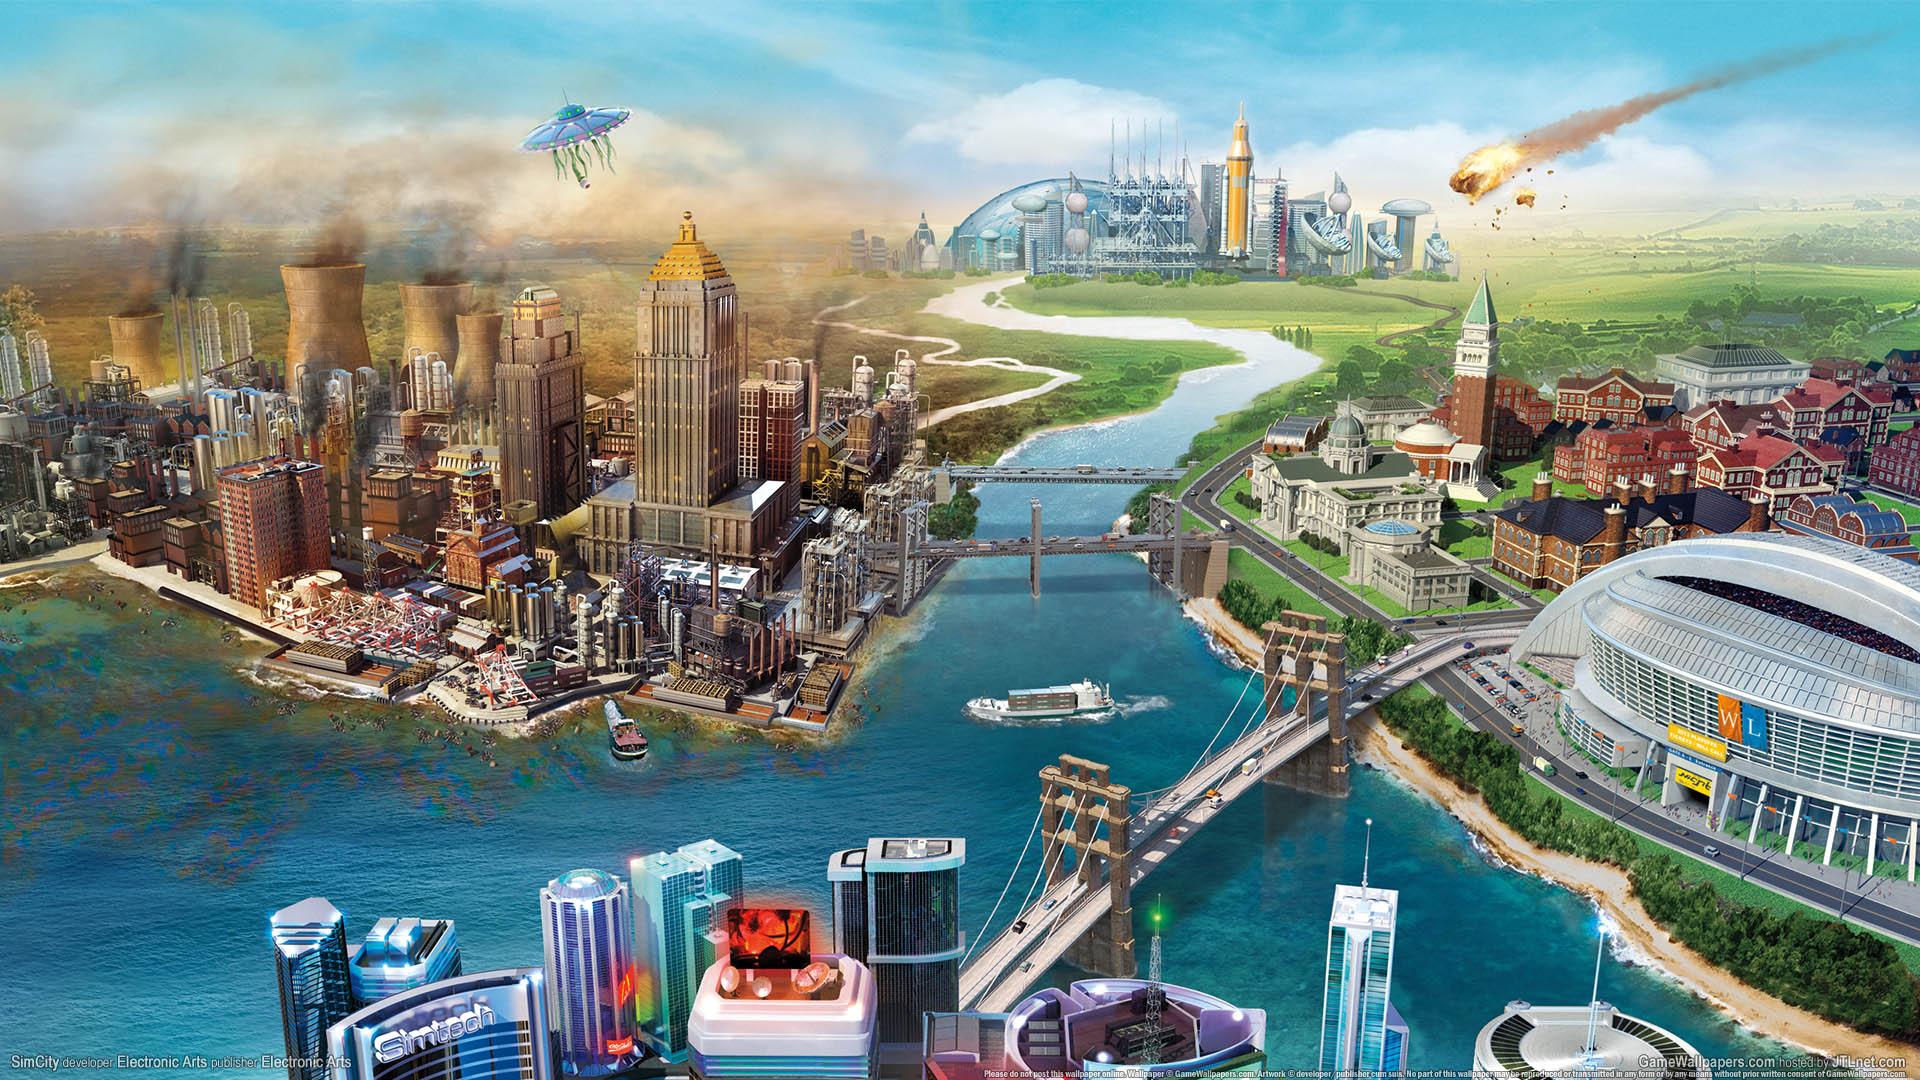 SimCity wallpaper 01 1920x1080